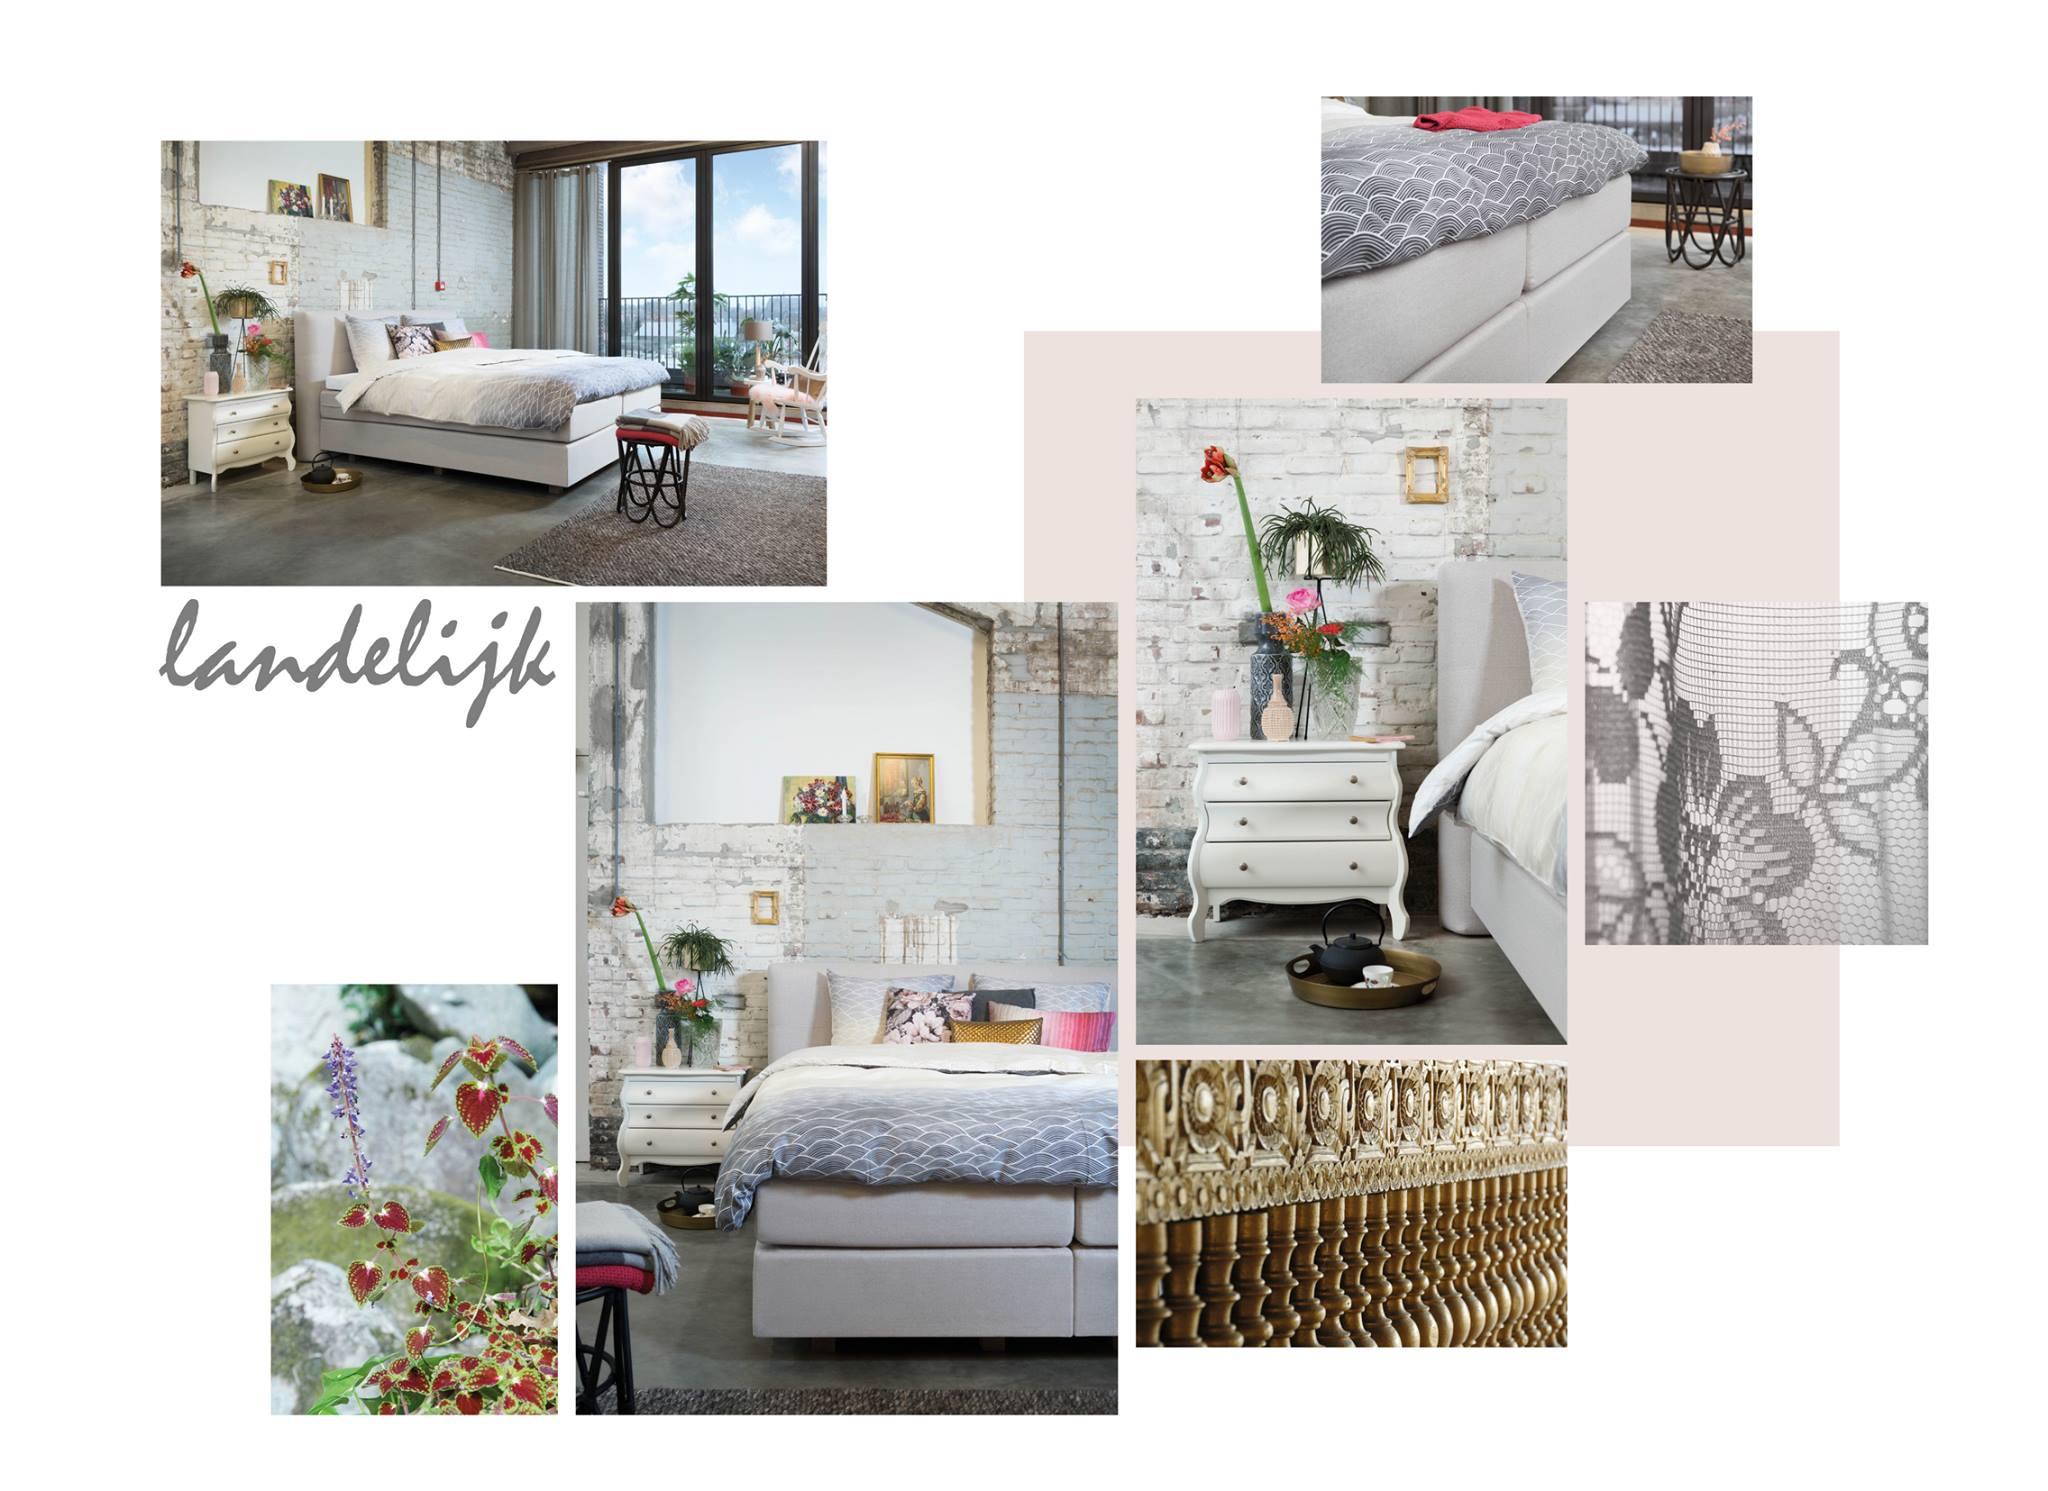 Landelijke stijl in de slaapkamer | Furnlovers.nl